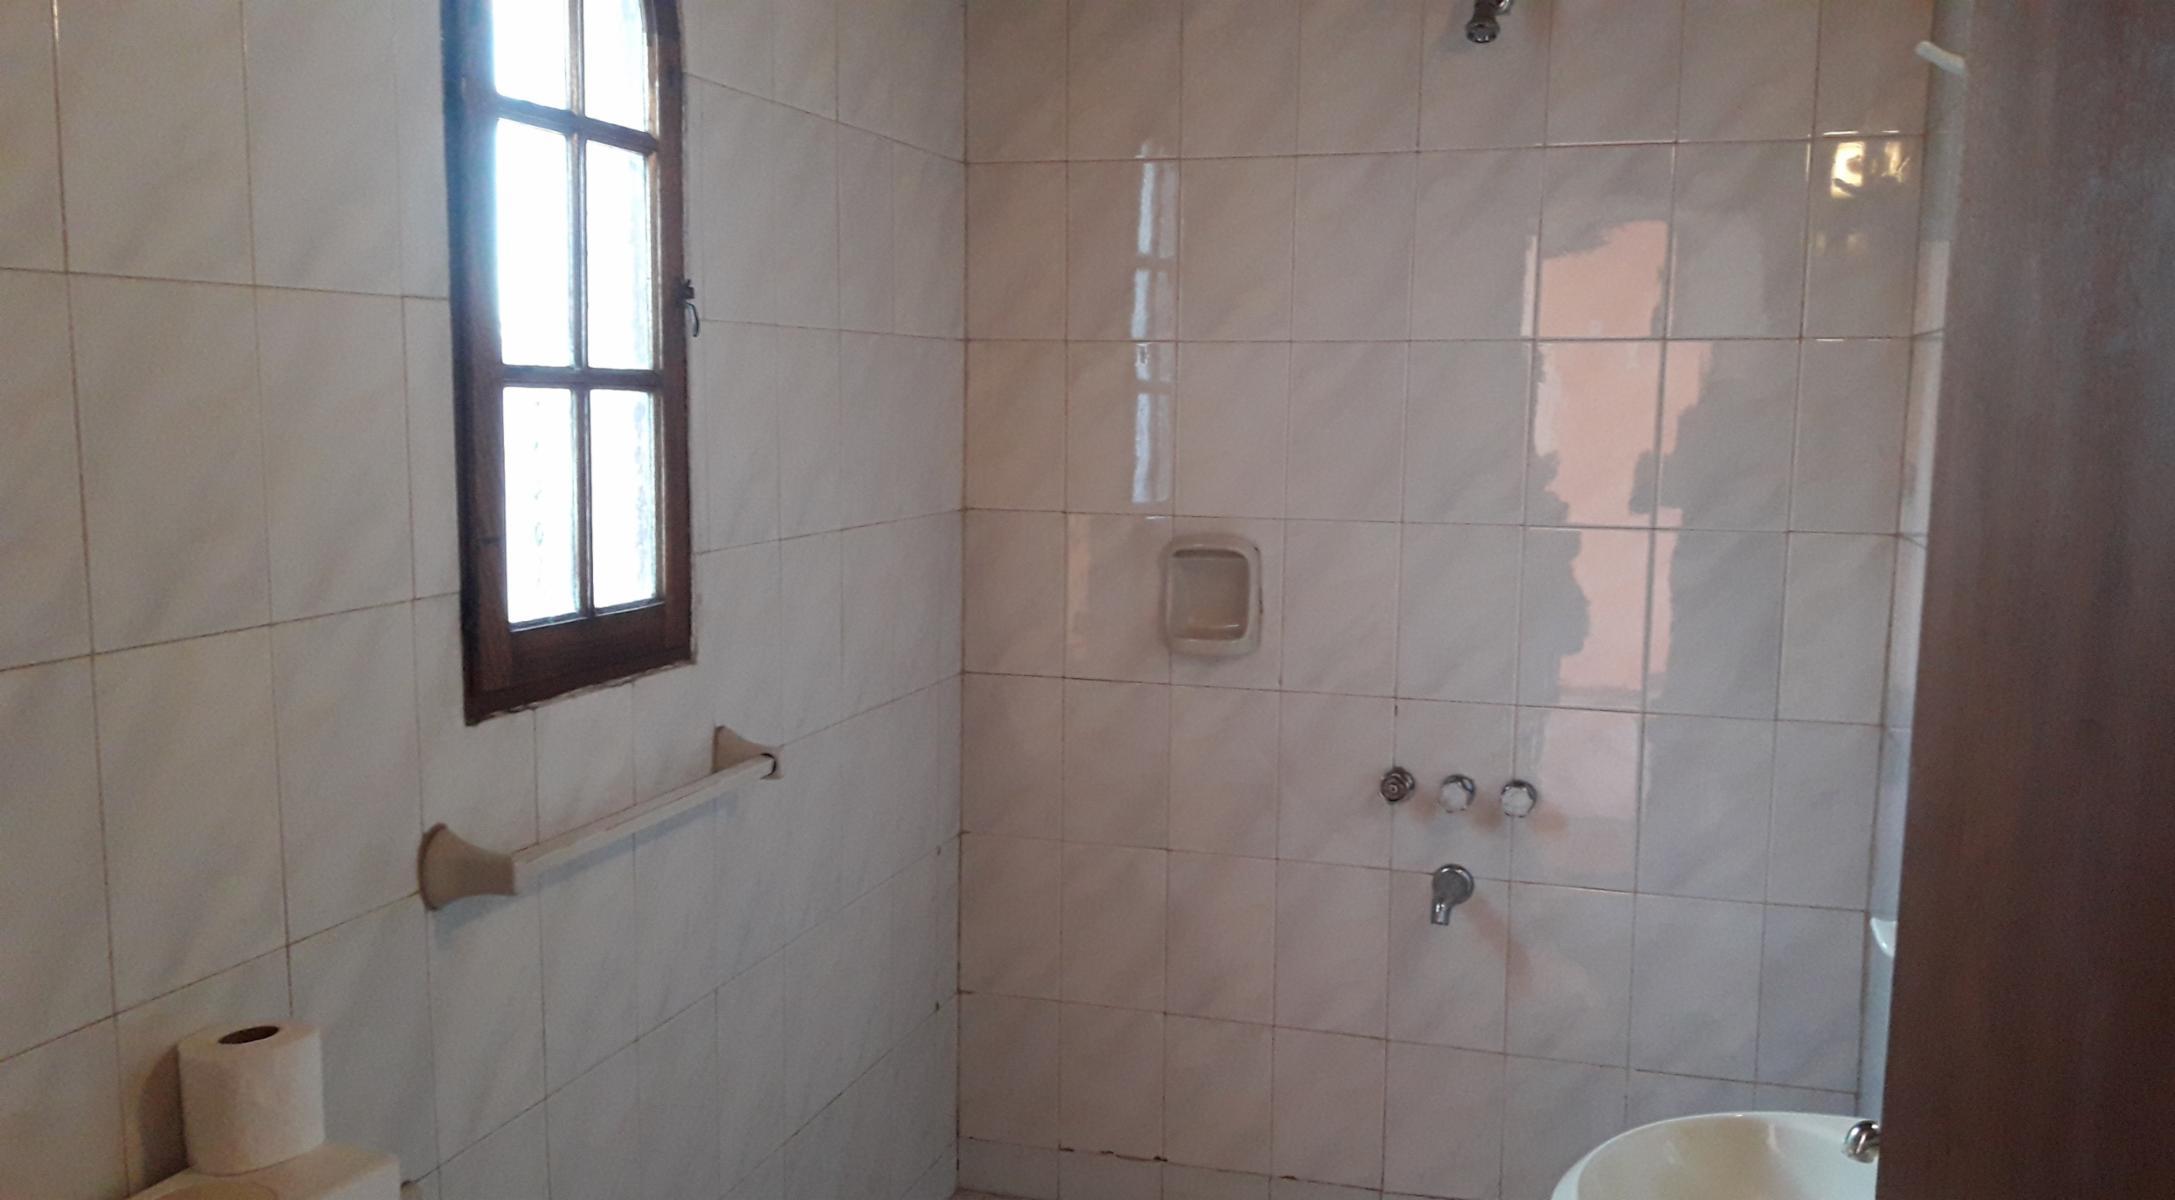 OPORTUNIDAD DEPARTAMENTO AMPLIO MUY BUENA UBICACION, Guillermo Sanchez Desarrollos Inmobiliarios